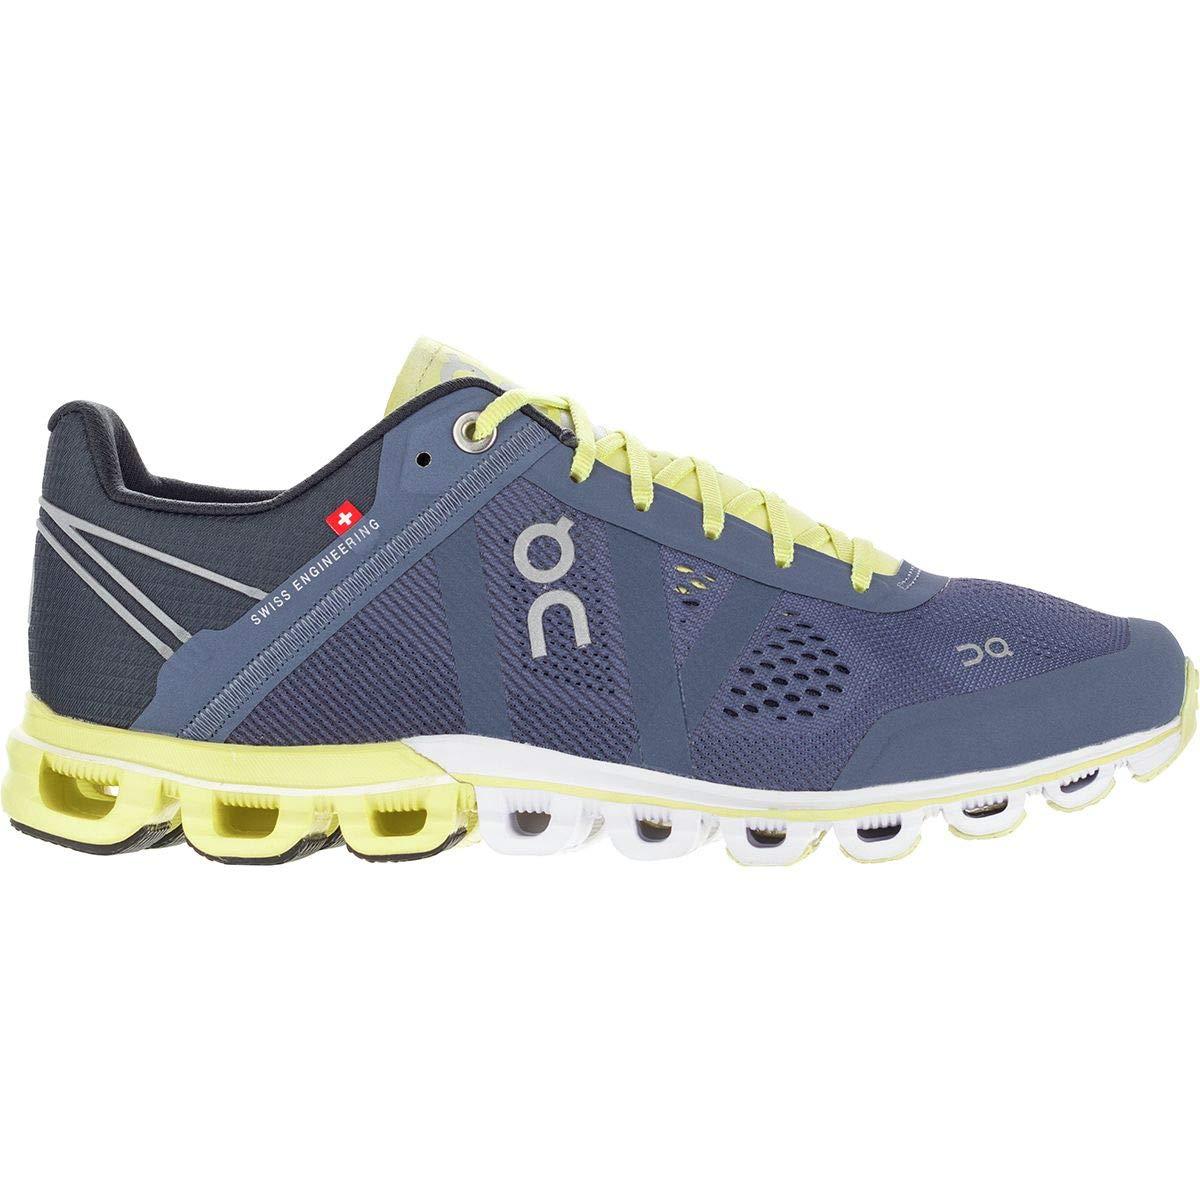 大切な [オンフットウェア] Running レディース B07MTB5X33 ランニング Cloudflow Running Shoe [並行輸入品] B07MTB5X33 Shoe 8, ガモウグン:70d08617 --- demo.woxpedia.com